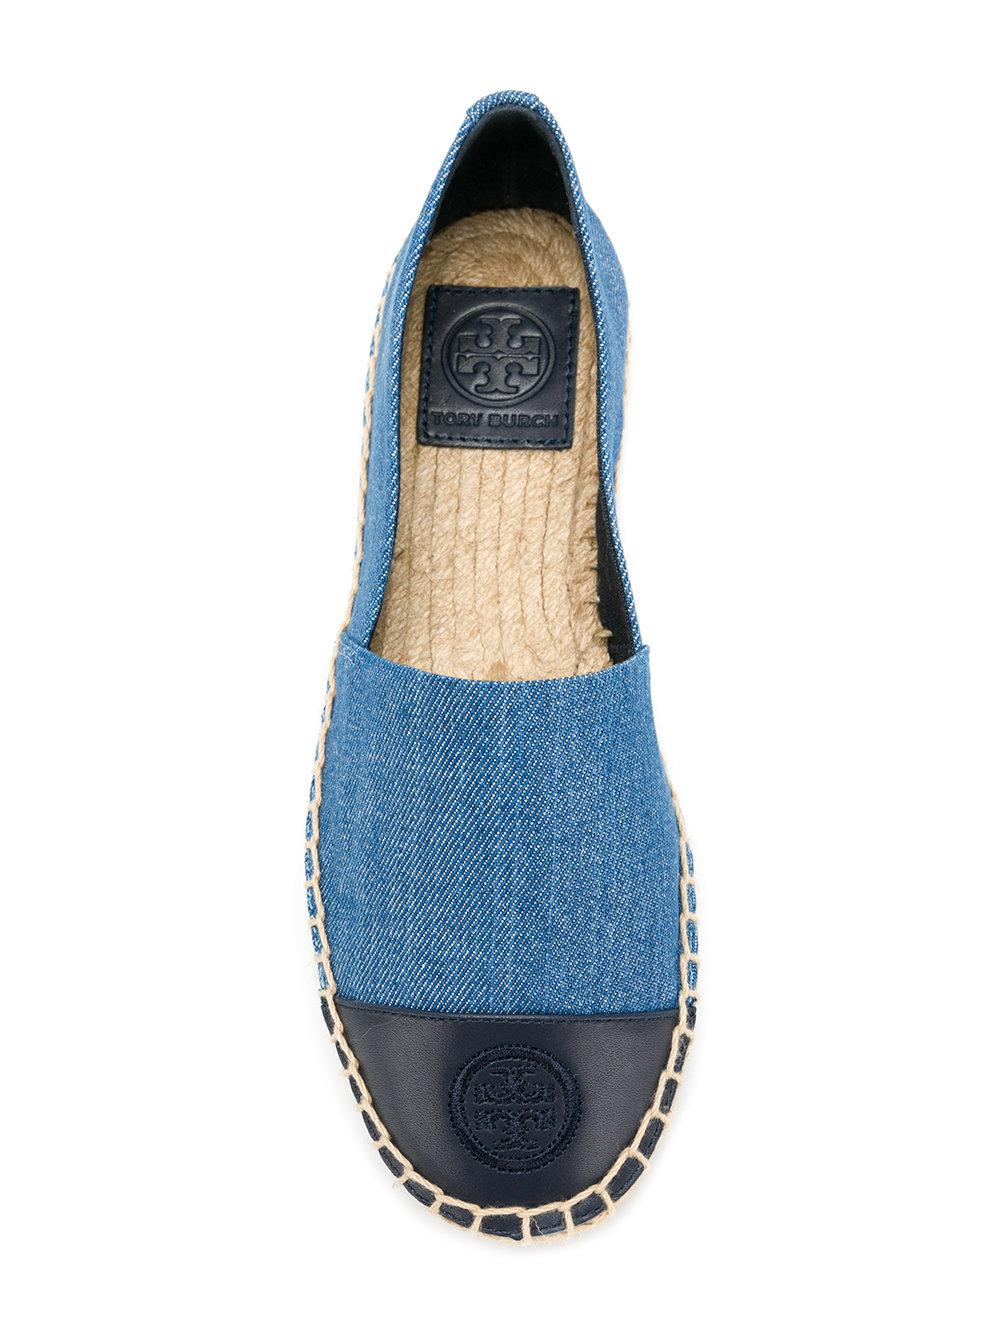 b724061a4 Tory Burch Denim Espadrilles in Blue - Lyst